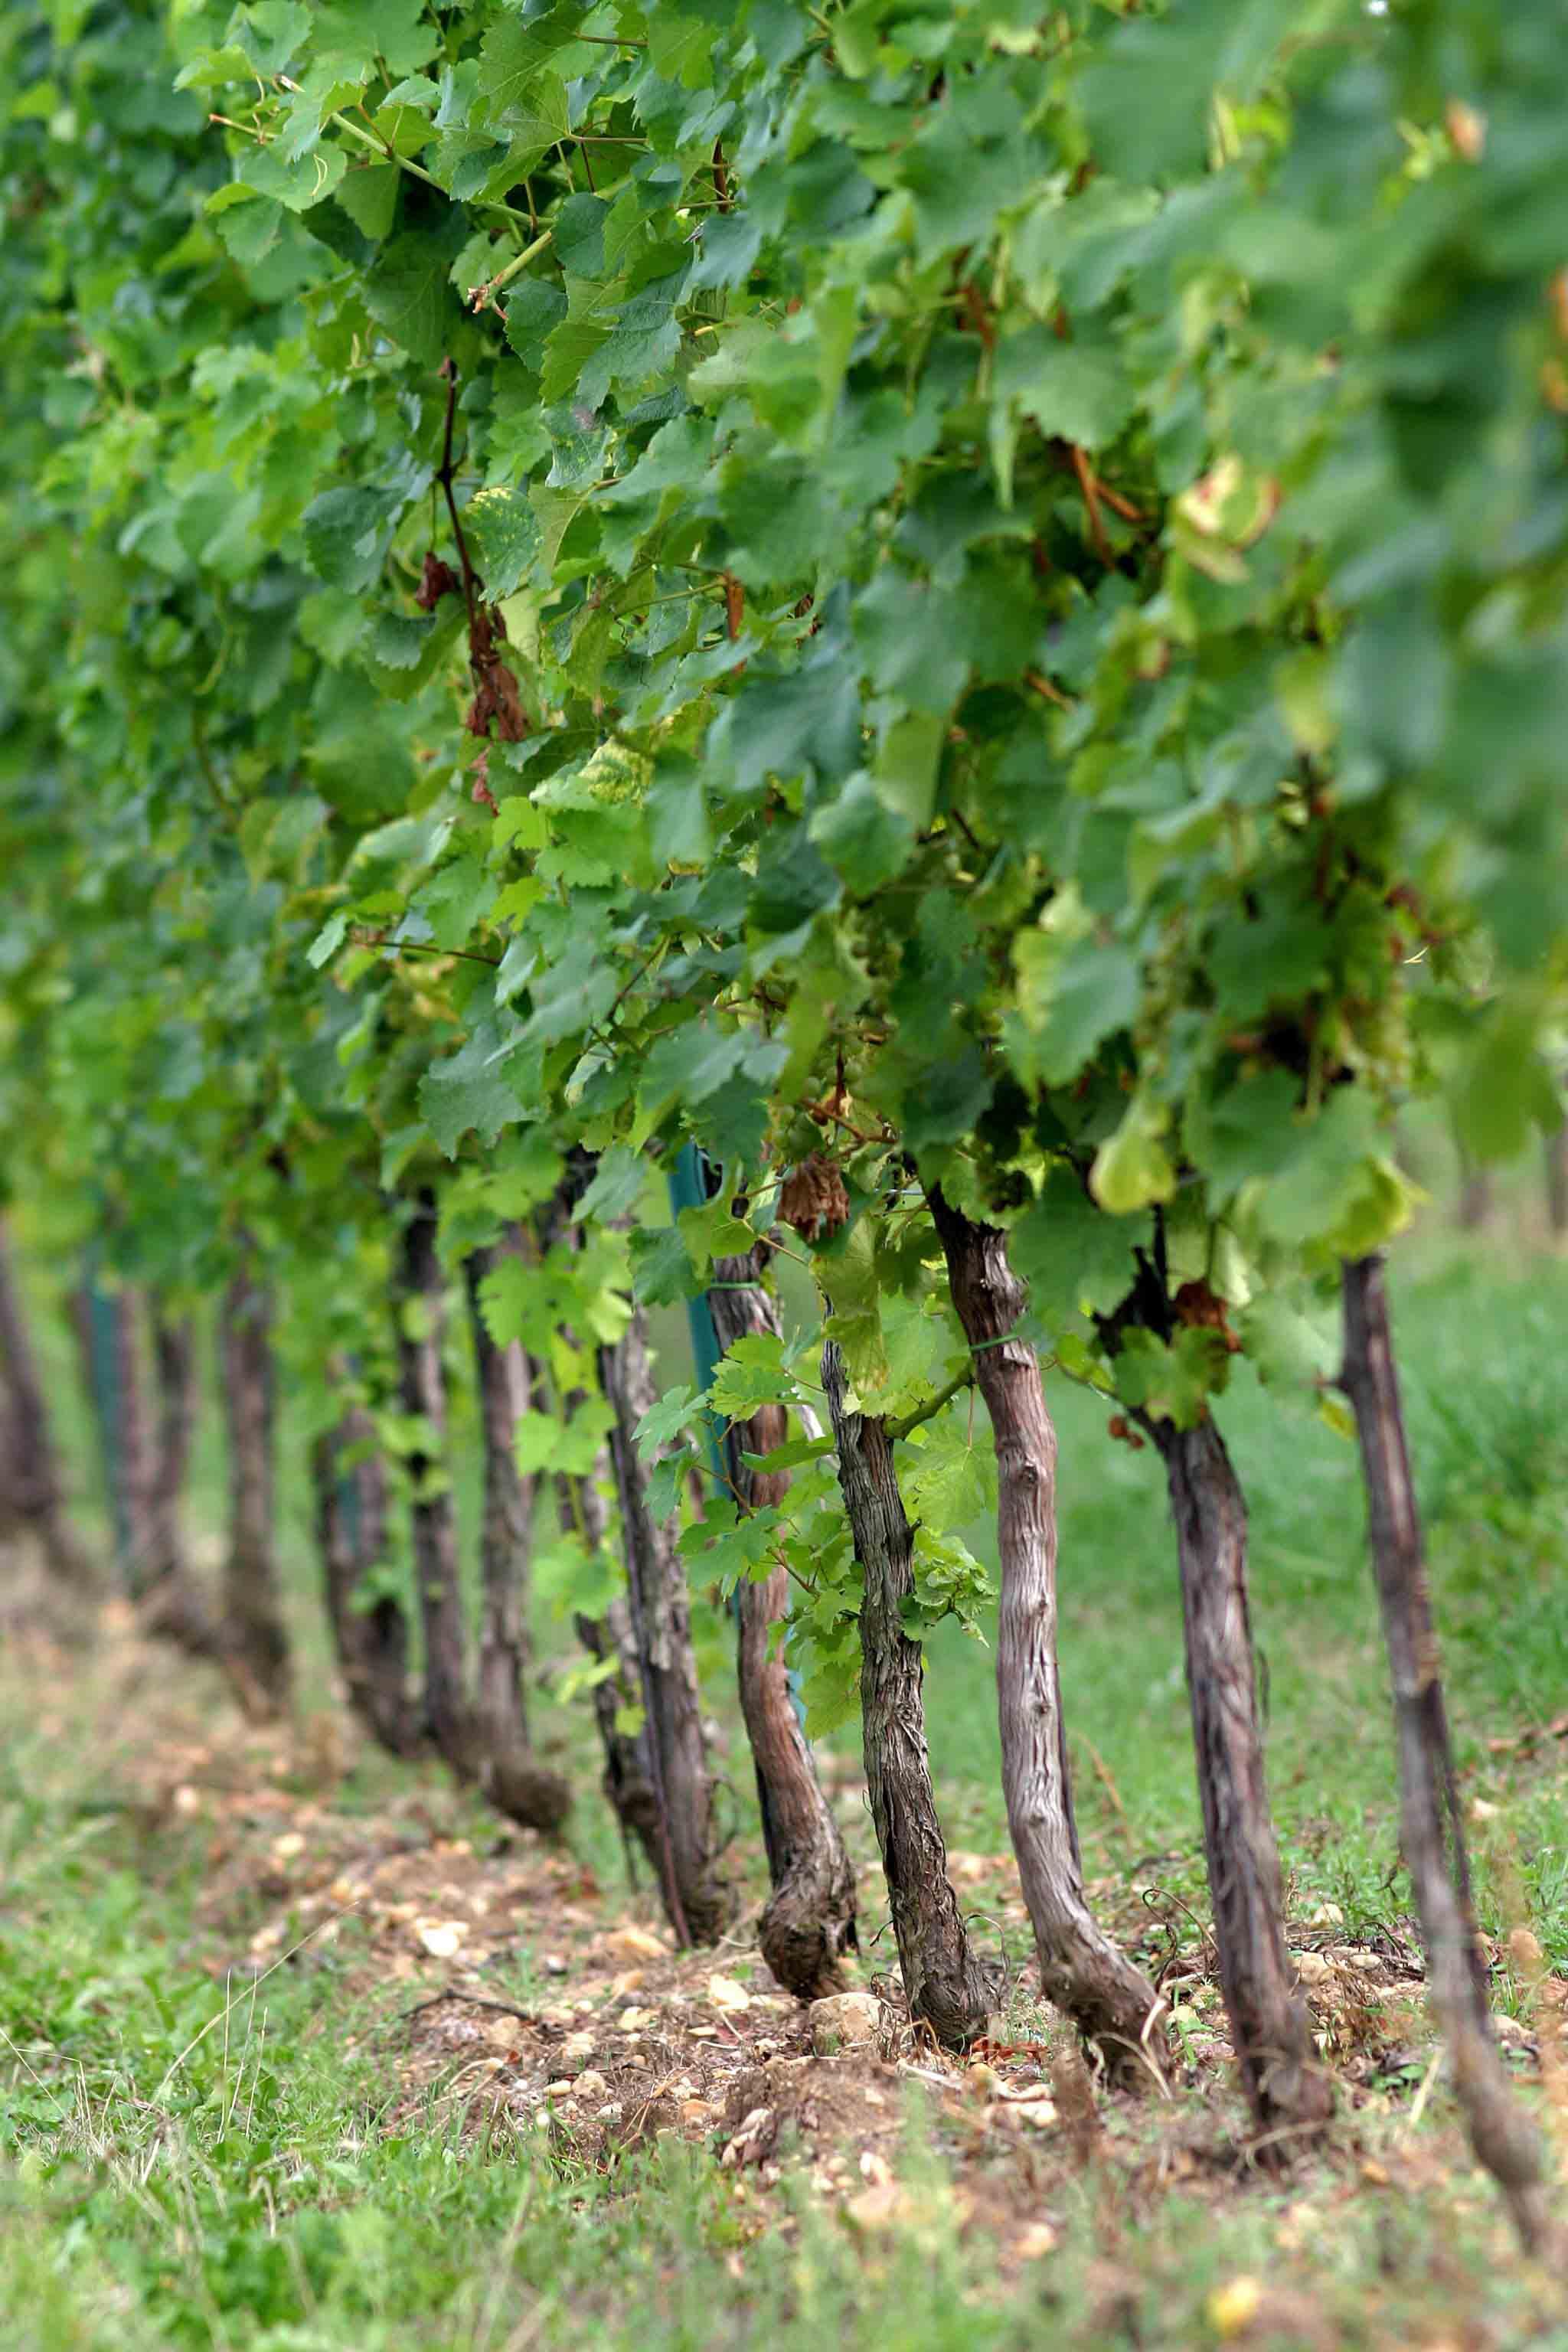 Vinné sklepy Lechovice hlavy révy vinné